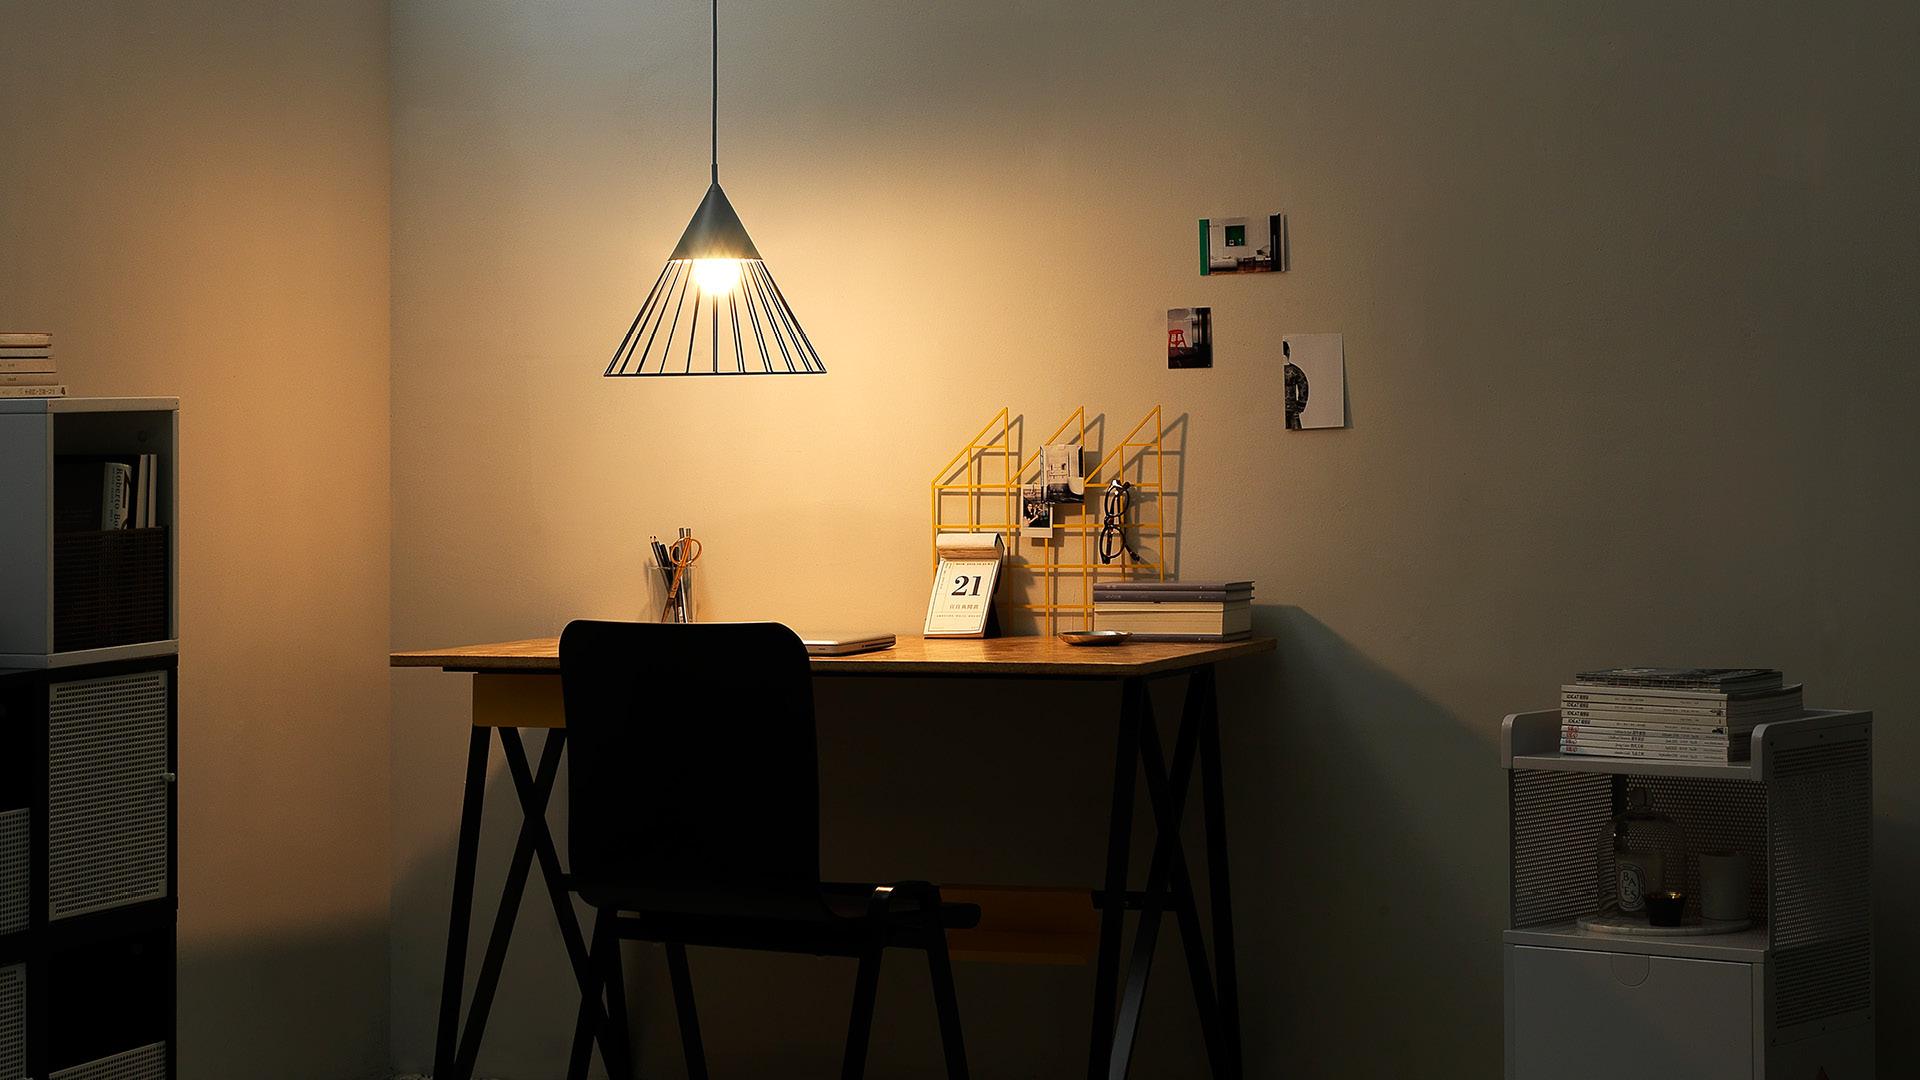 书房与工作室的氛围光源,温润舞步在黑暗中曼妙起舞,中和了刚硬的工业风空间,粗犷深处闪烁的一束柔软。